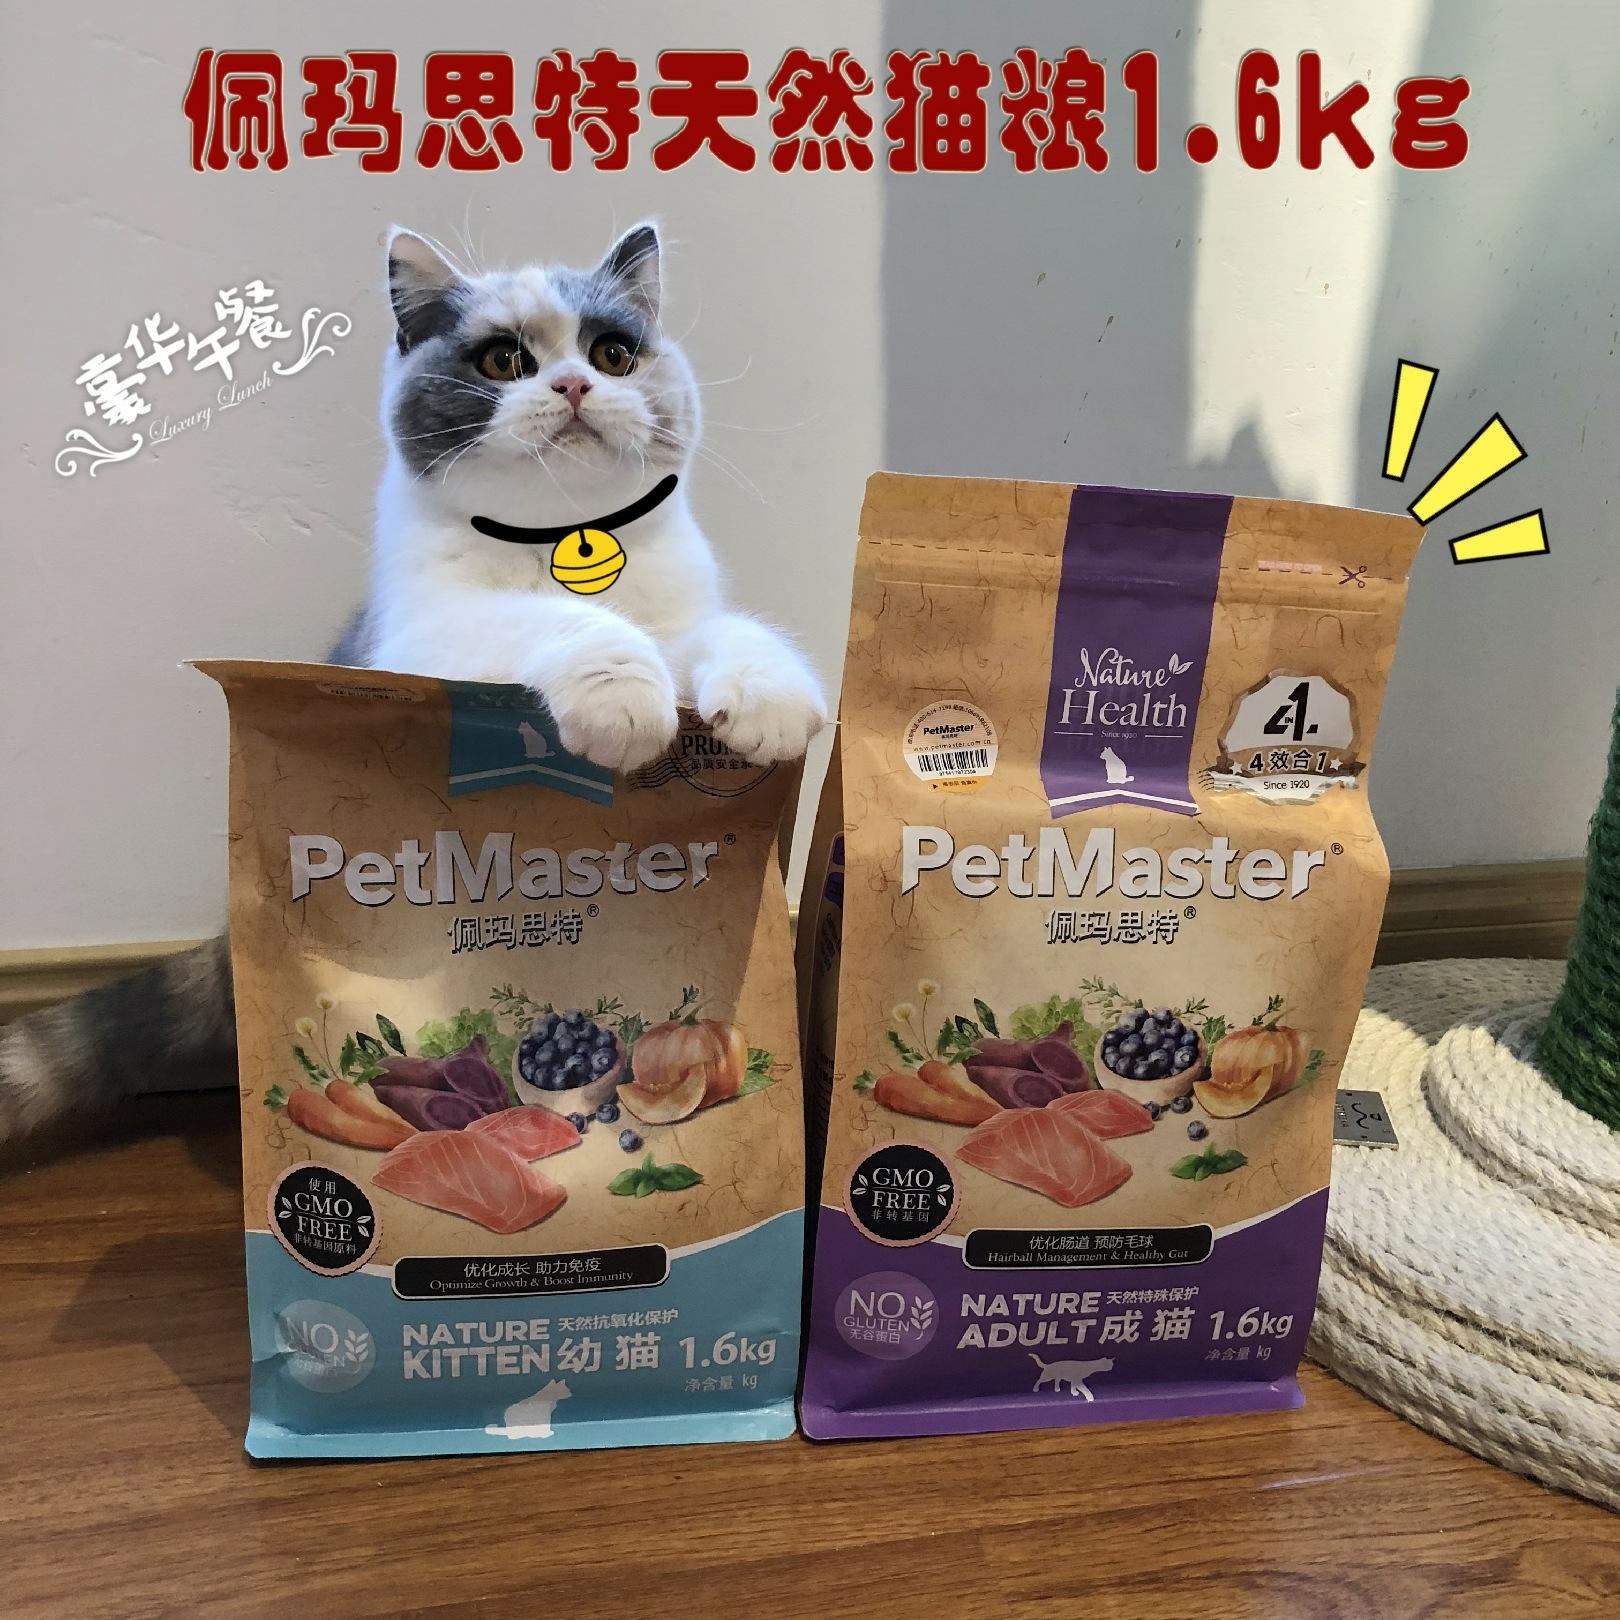 佩玛思特非转基因天然猫粮海洋鱼海鲜味幼猫猫粮1.6kg天然粮包邮